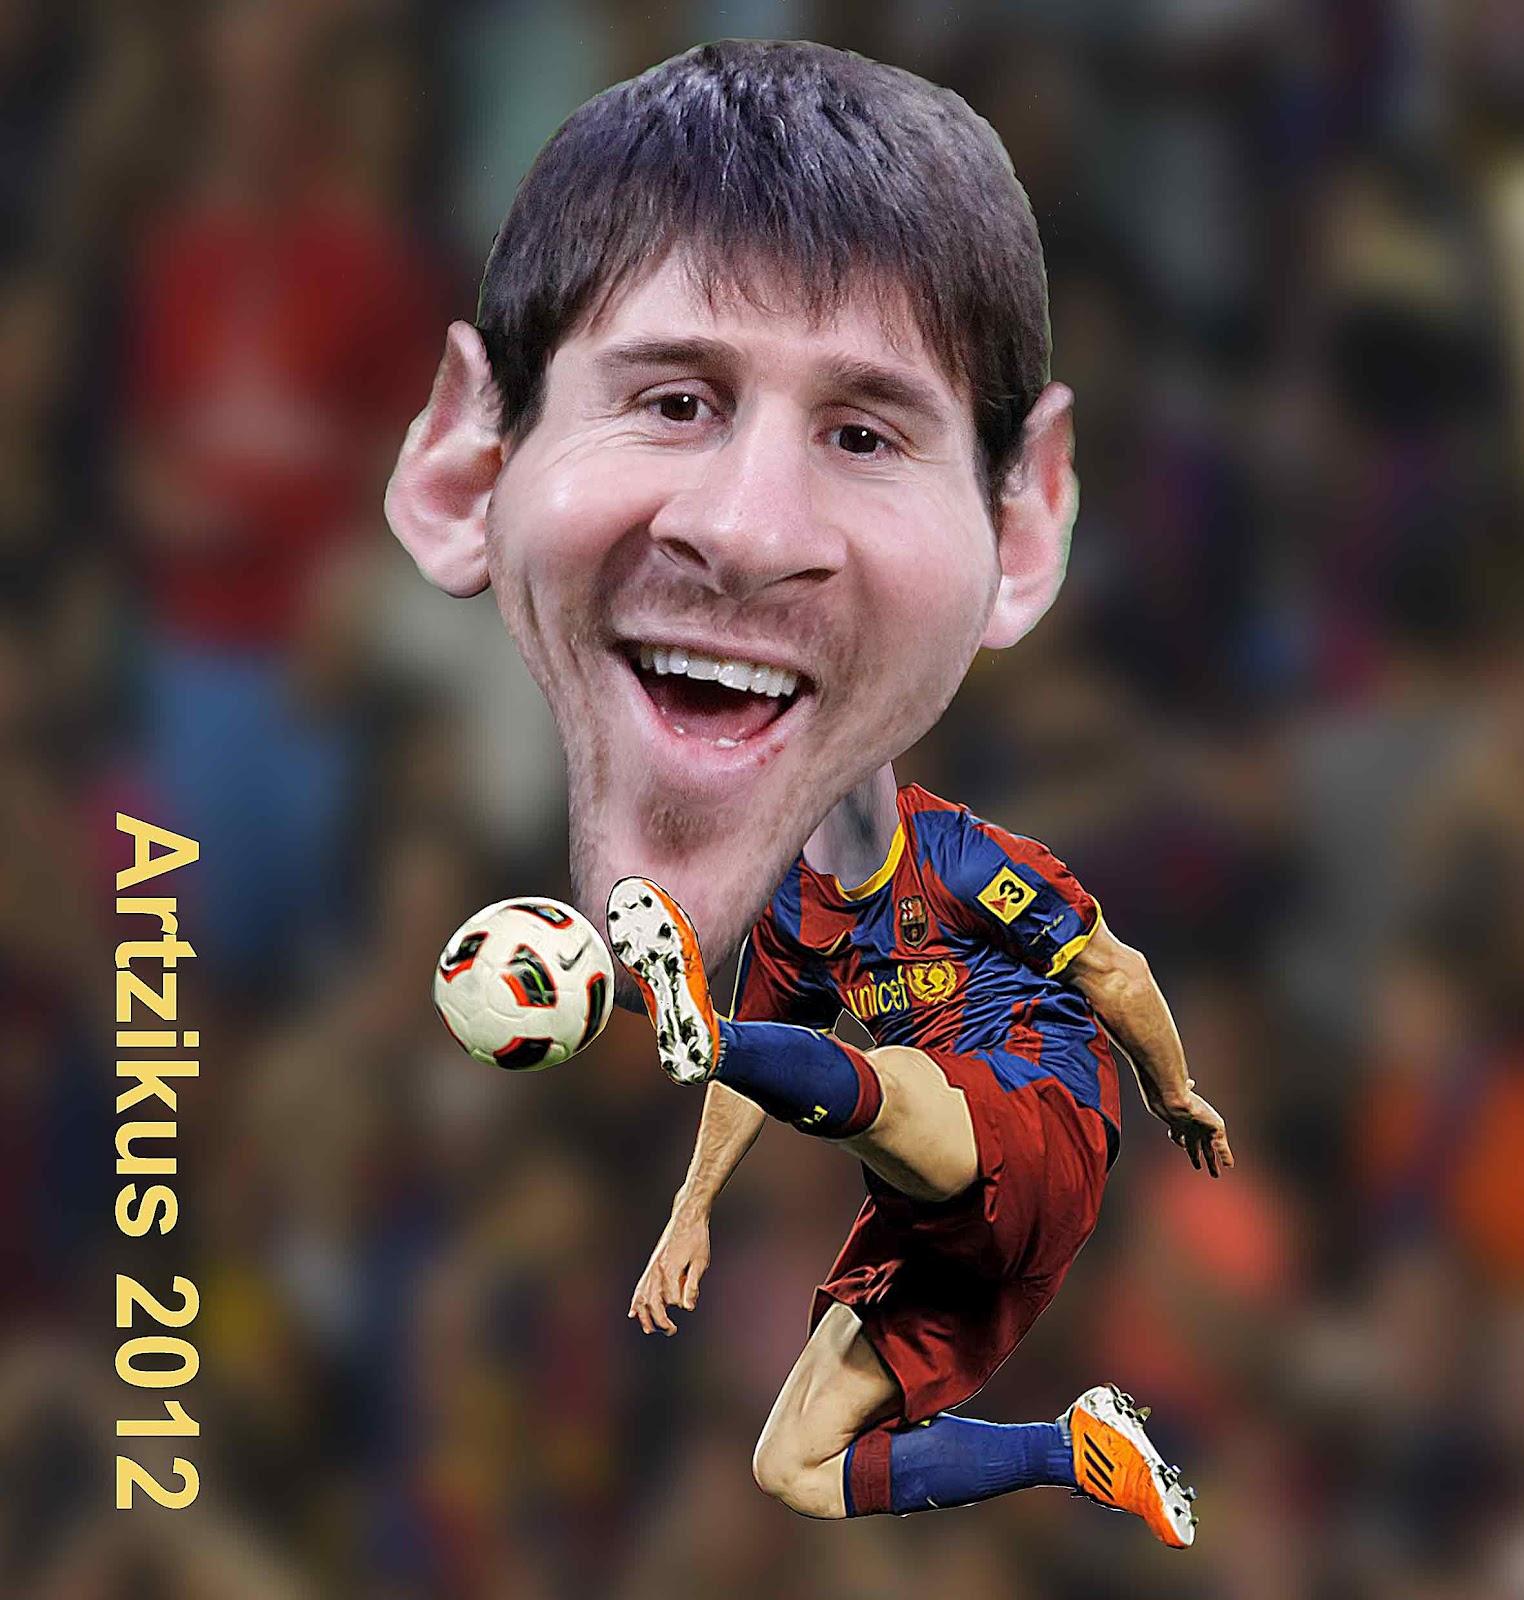 Lionel-Messi-2p